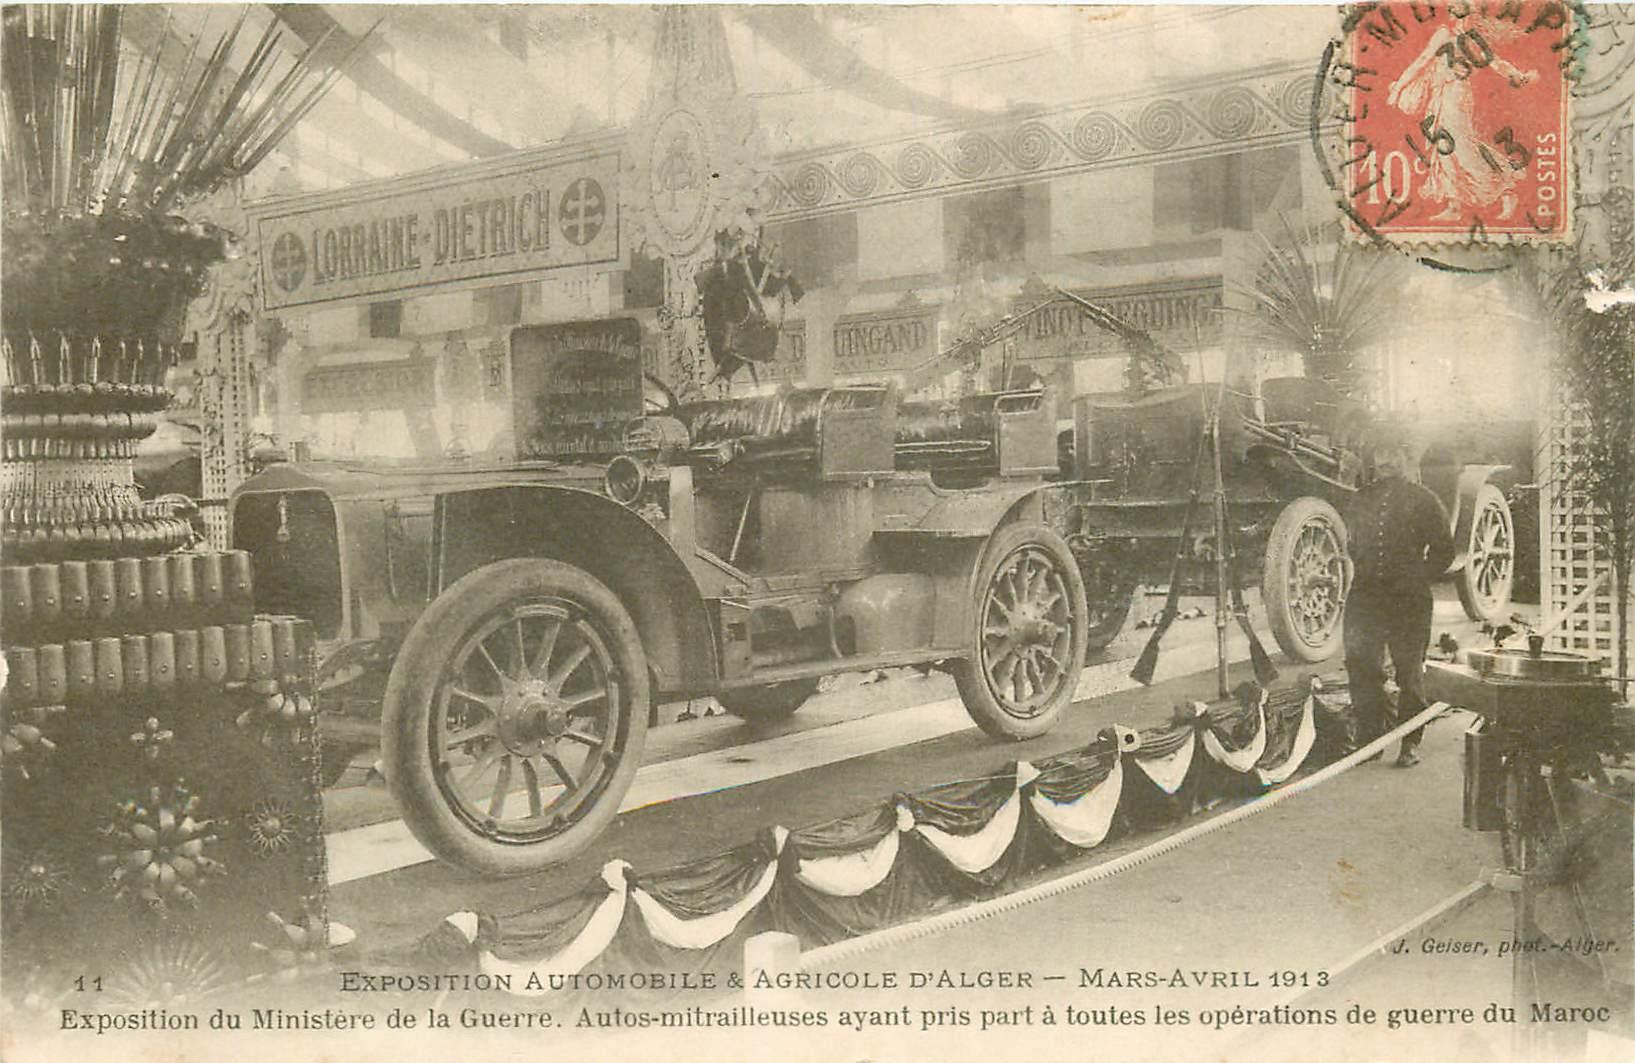 WW ALGER. Exposition Ministre Guerre Automobile & Agricole 1913. Autos-mitrailleuses du Maroc